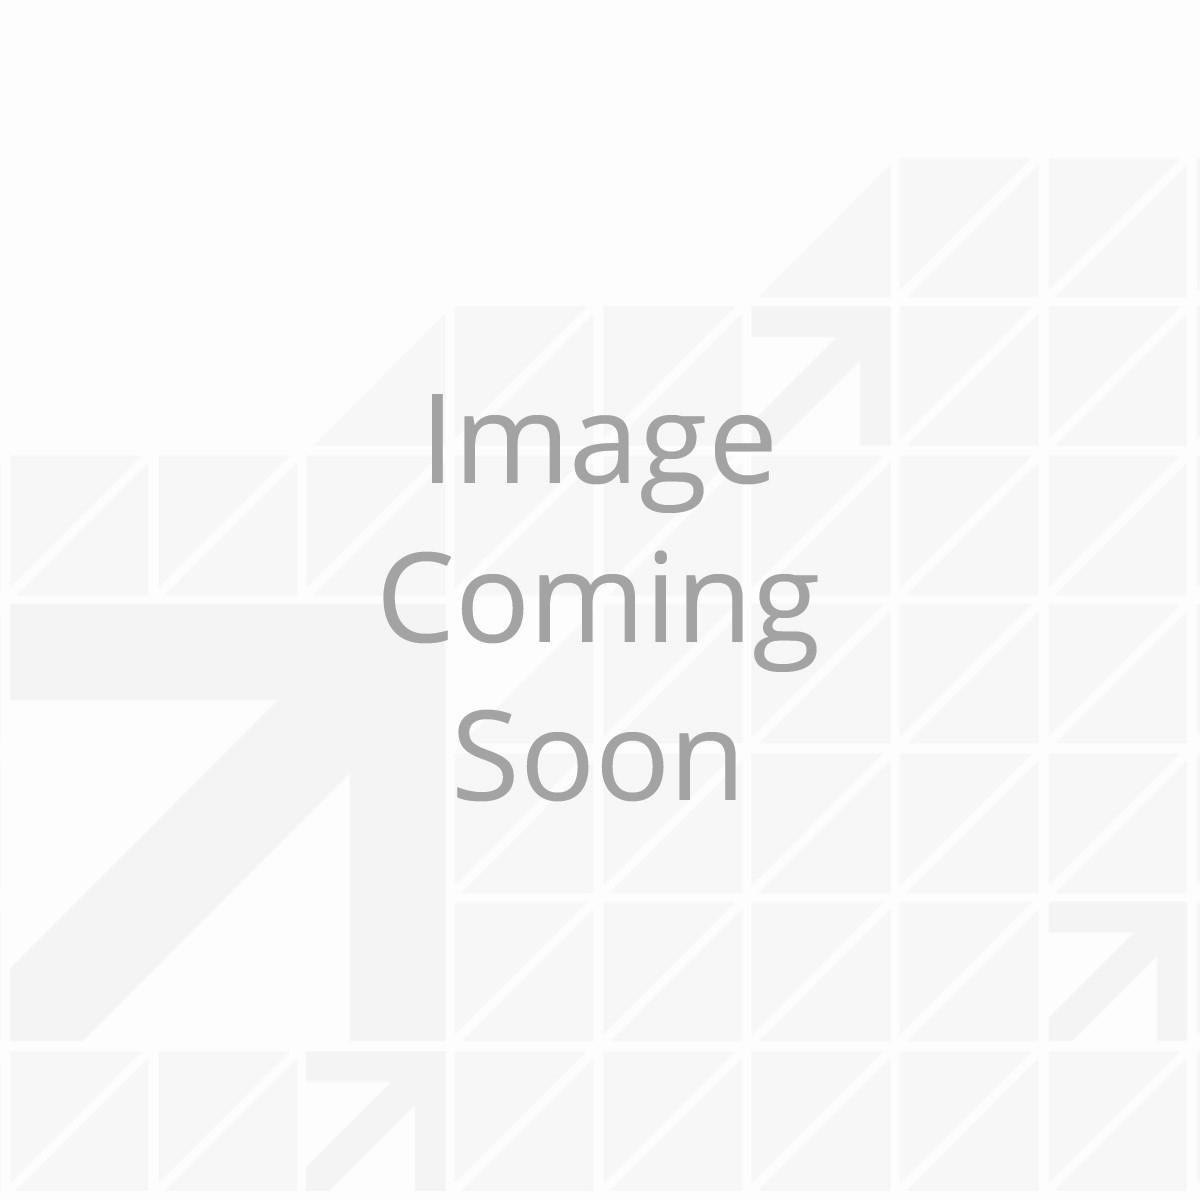 Inner Bearing Race - Various Sizes